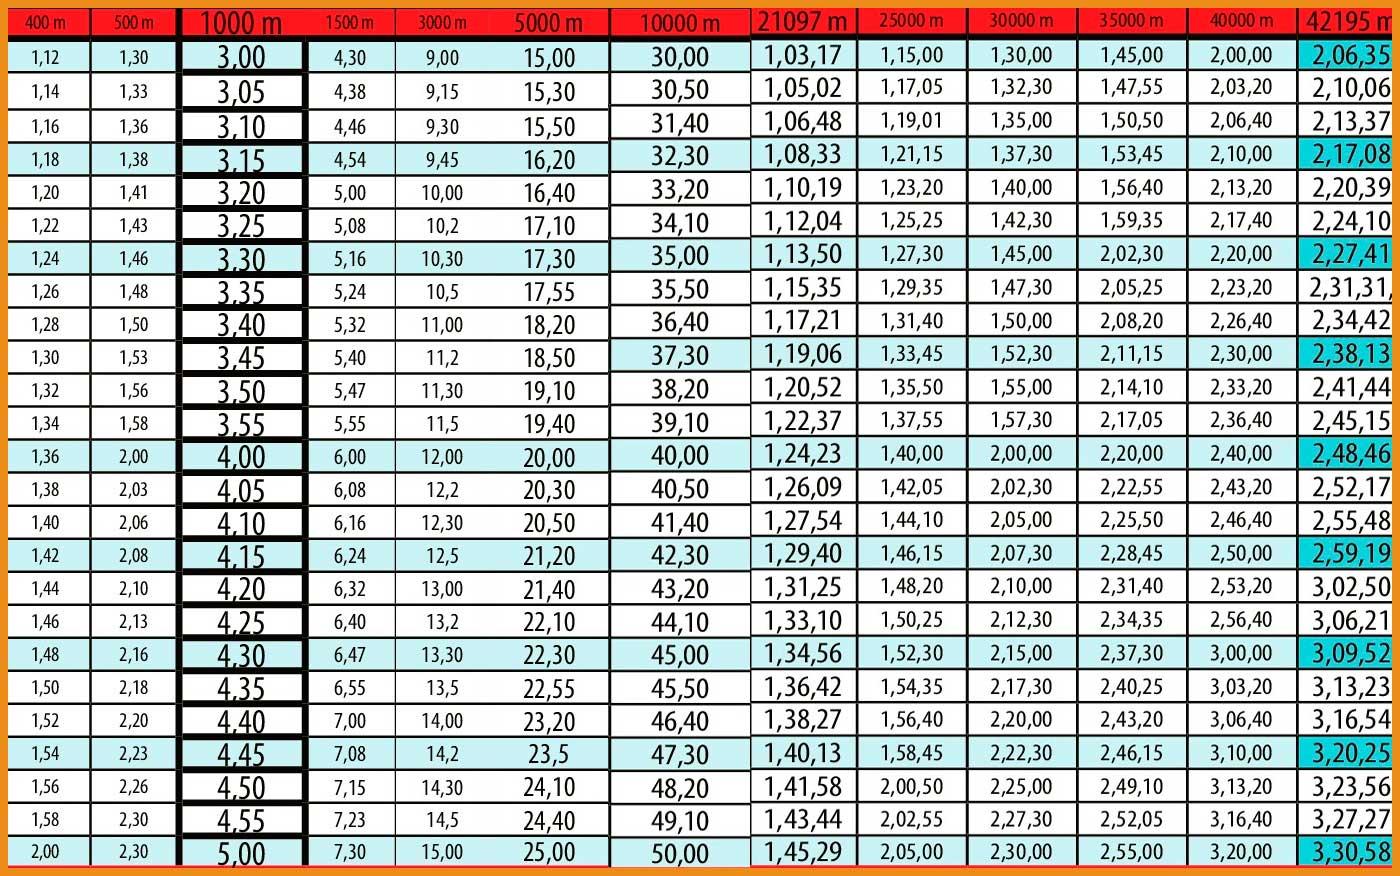 calcula tu ritmo de carrera - Tabla de ritmo de carrera - voyacorrer.com